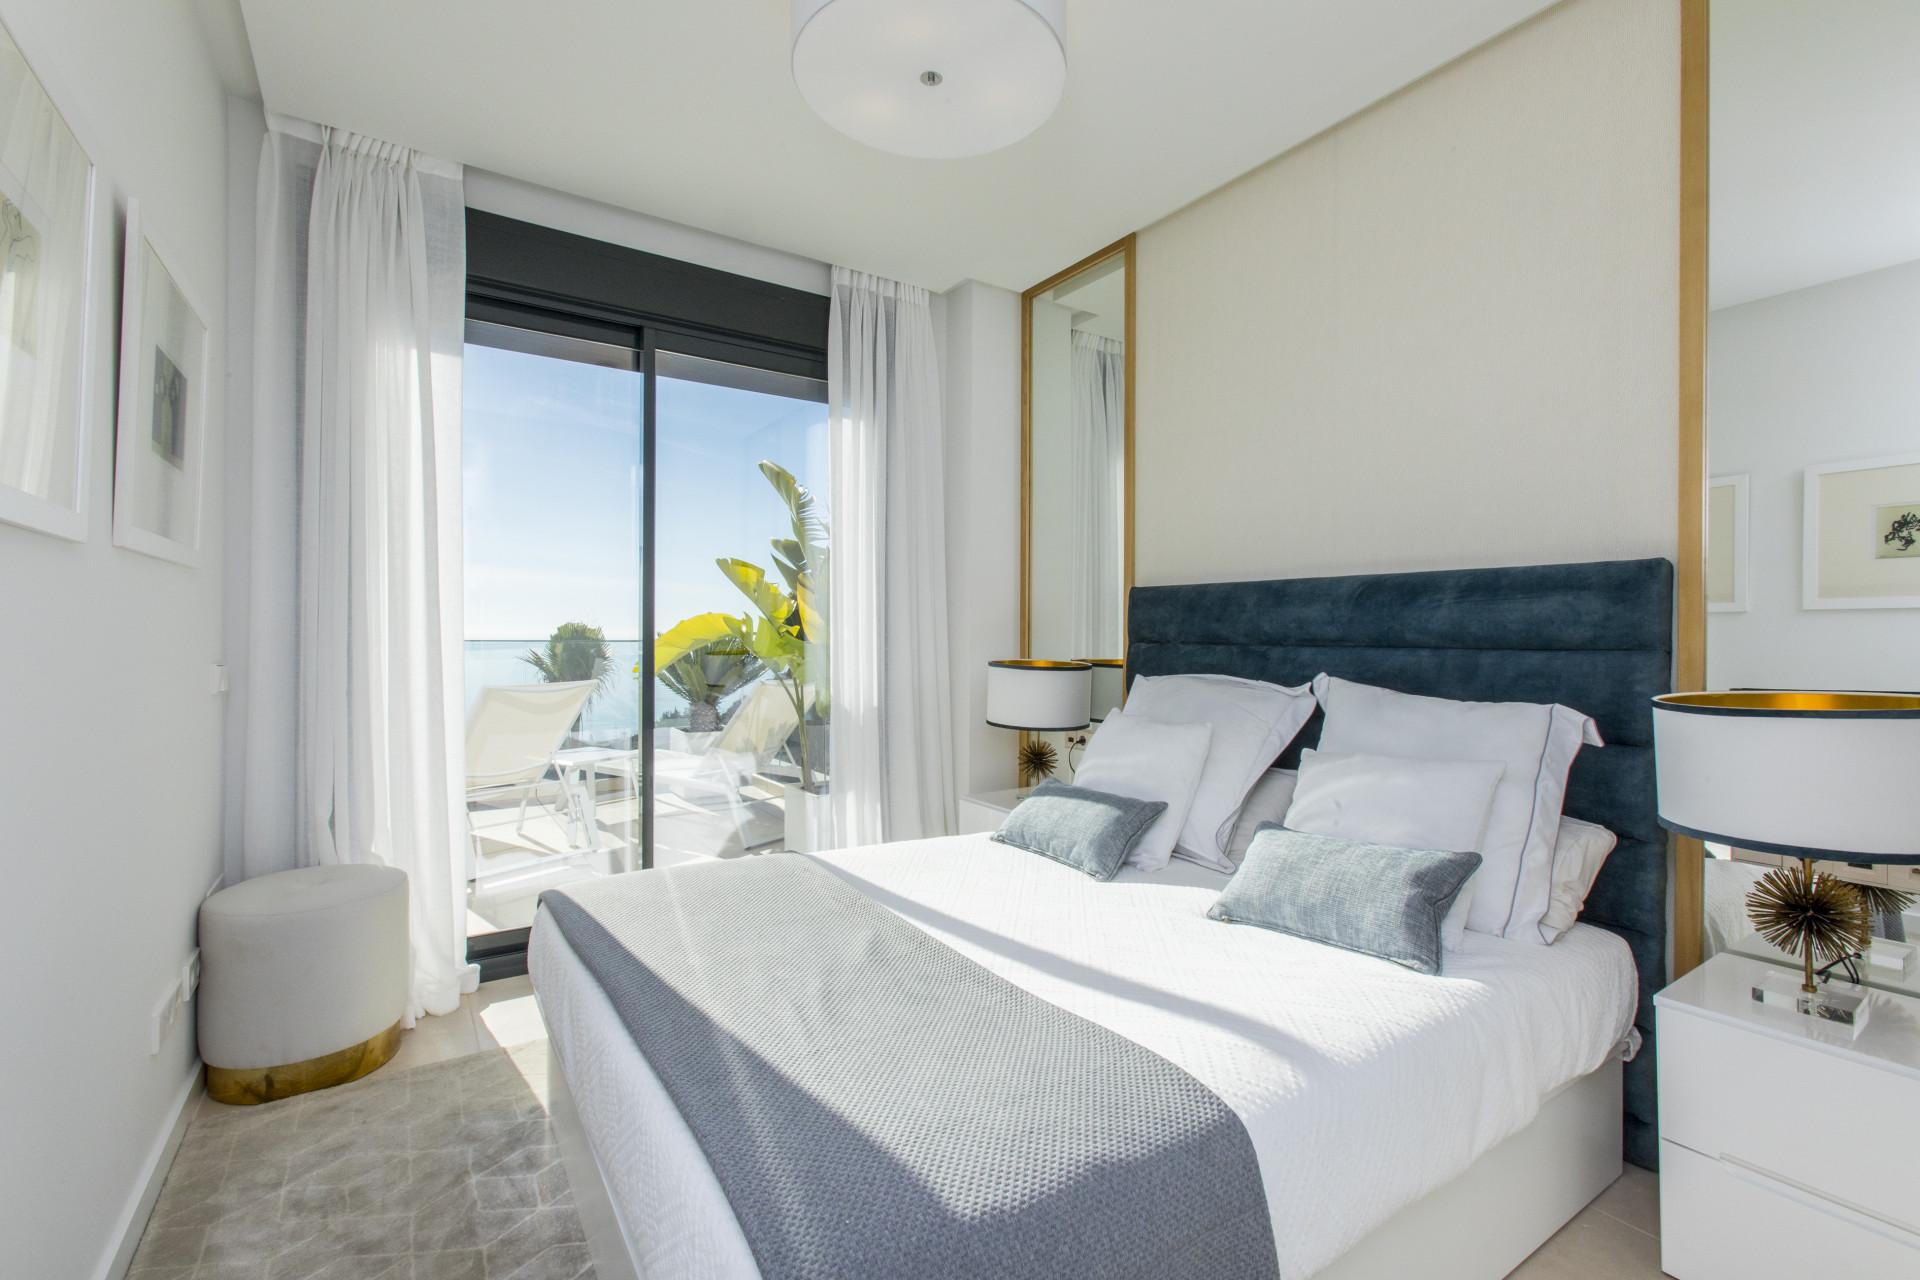 Apartamento fantástico con vistas al mar en Fuengirola